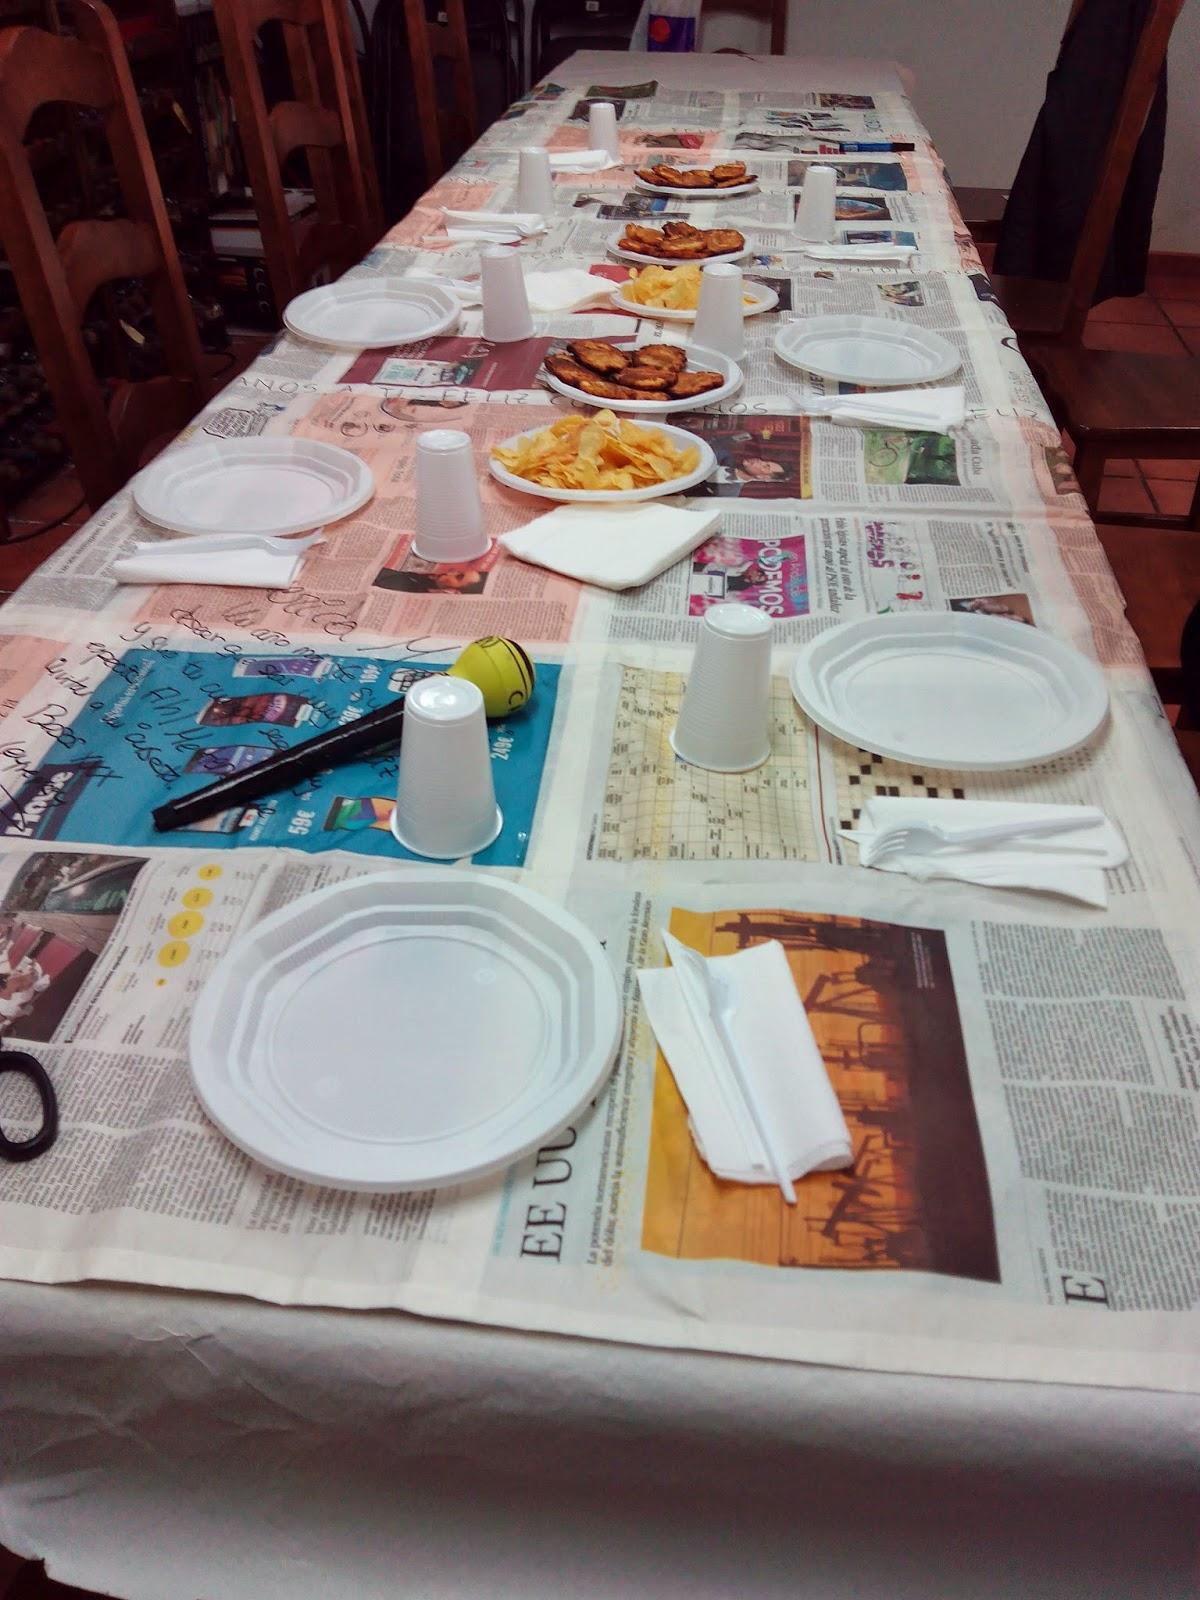 La cocina de leyre fiesta del periodismo - Cocinas leyre ...